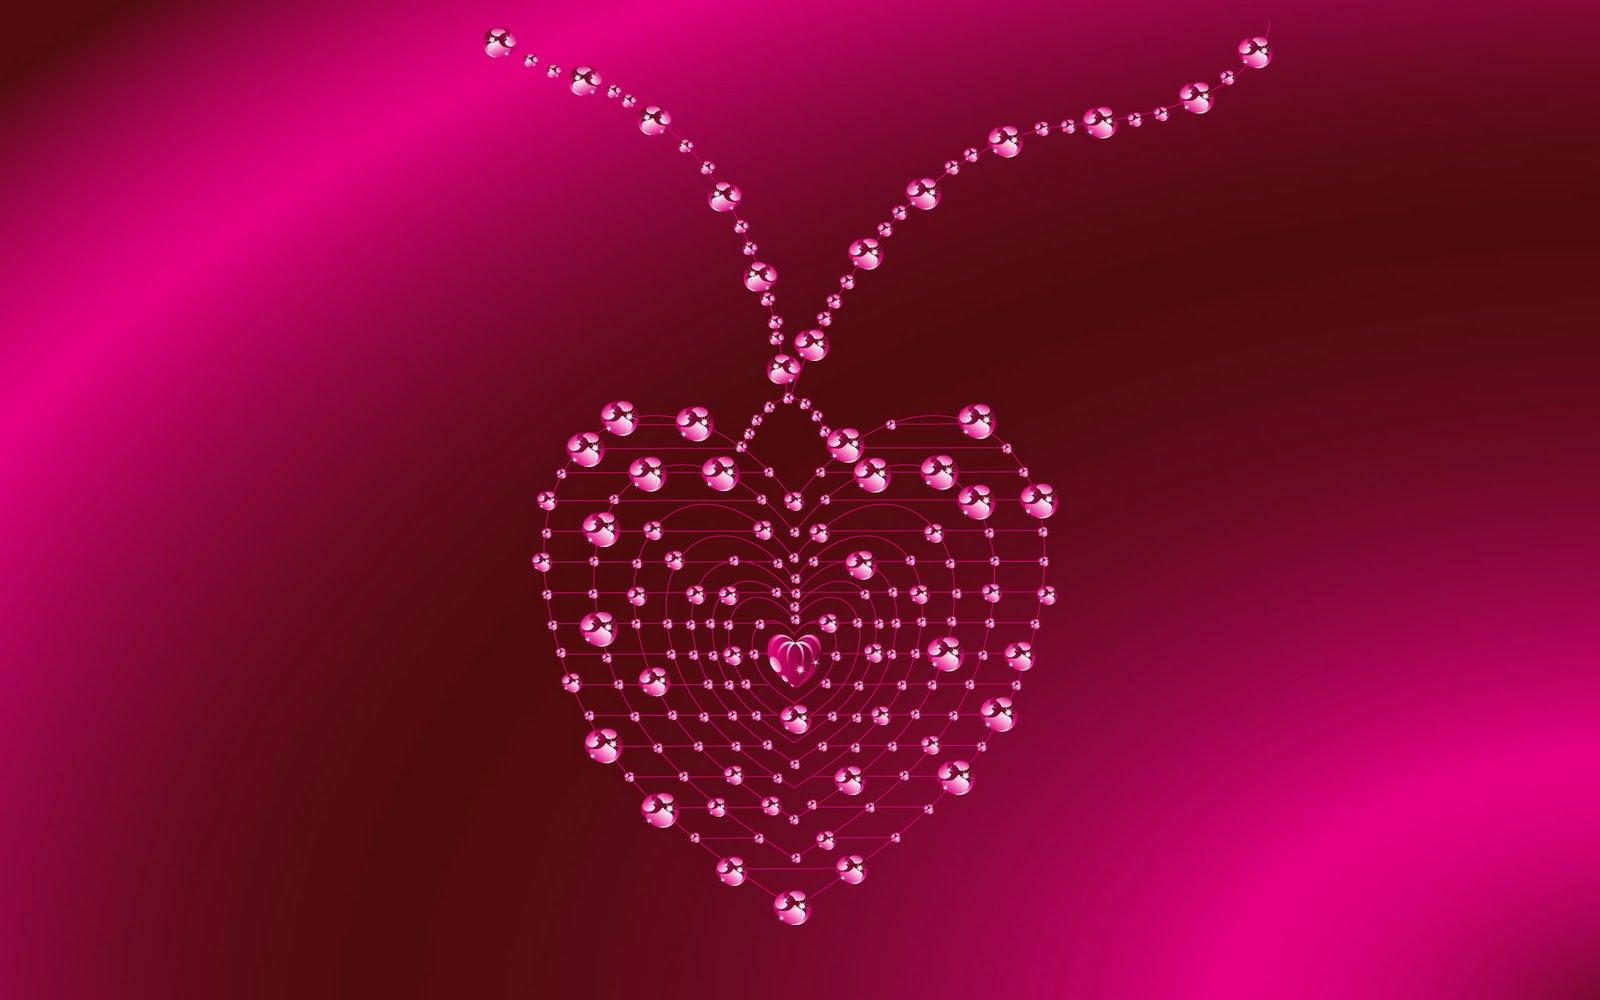 imagini sf valentin poze cu flori imagini cu flori full hd wallpaper